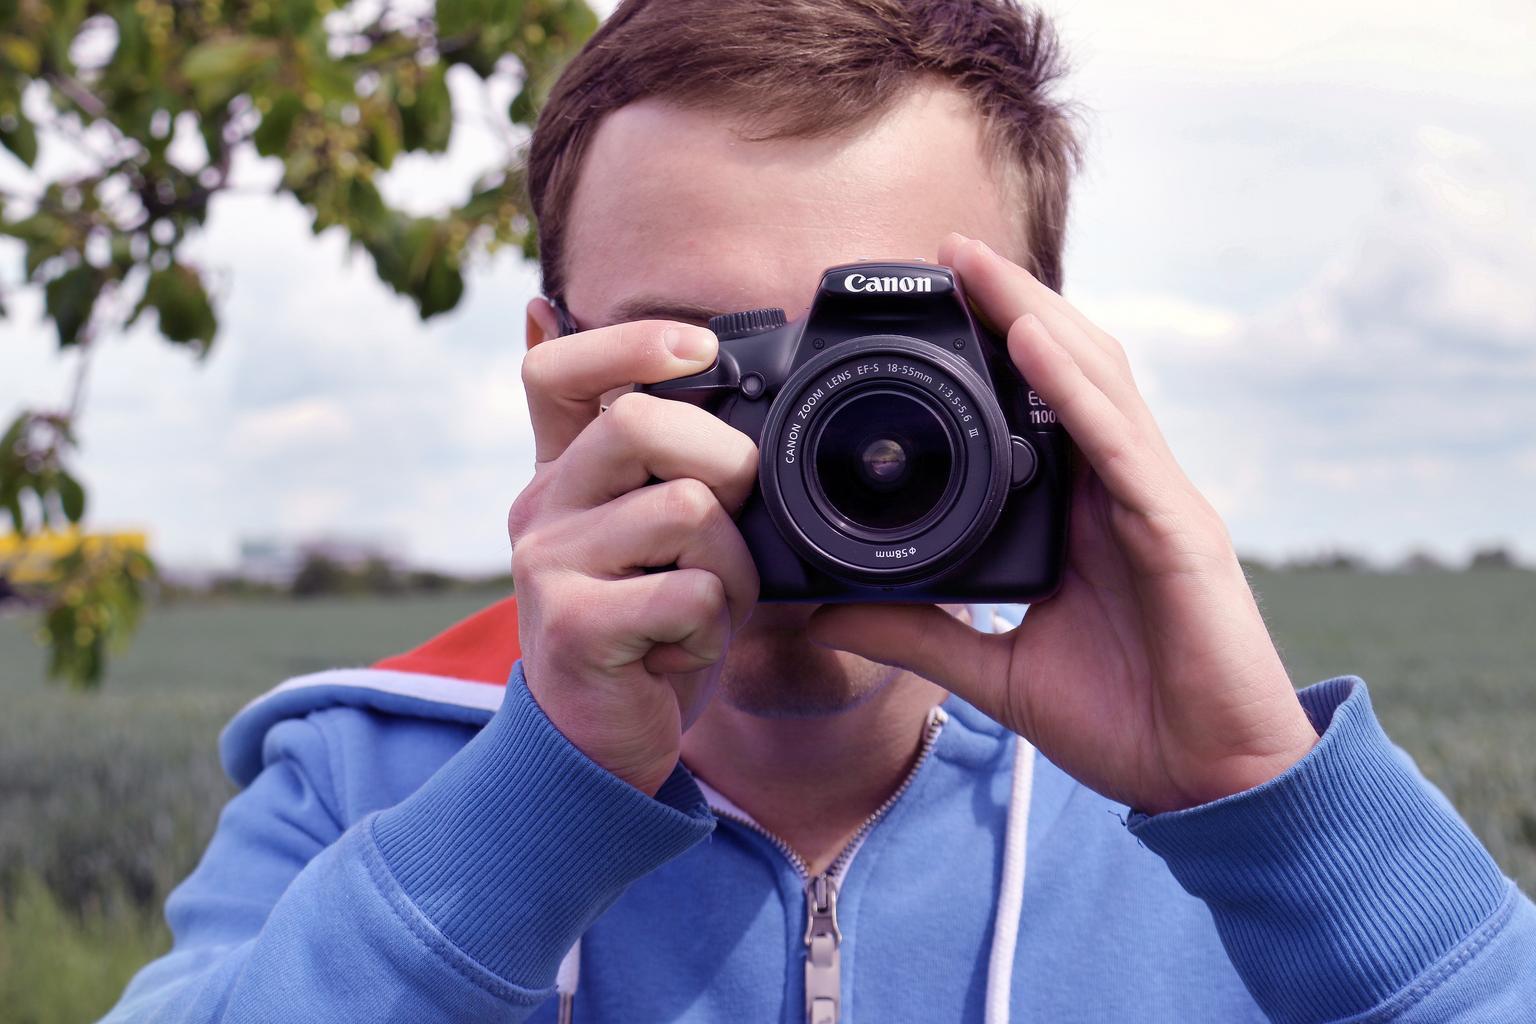 Dajte si svoje fotosnímky vytlačiť, nech znich nie sú iba súbory